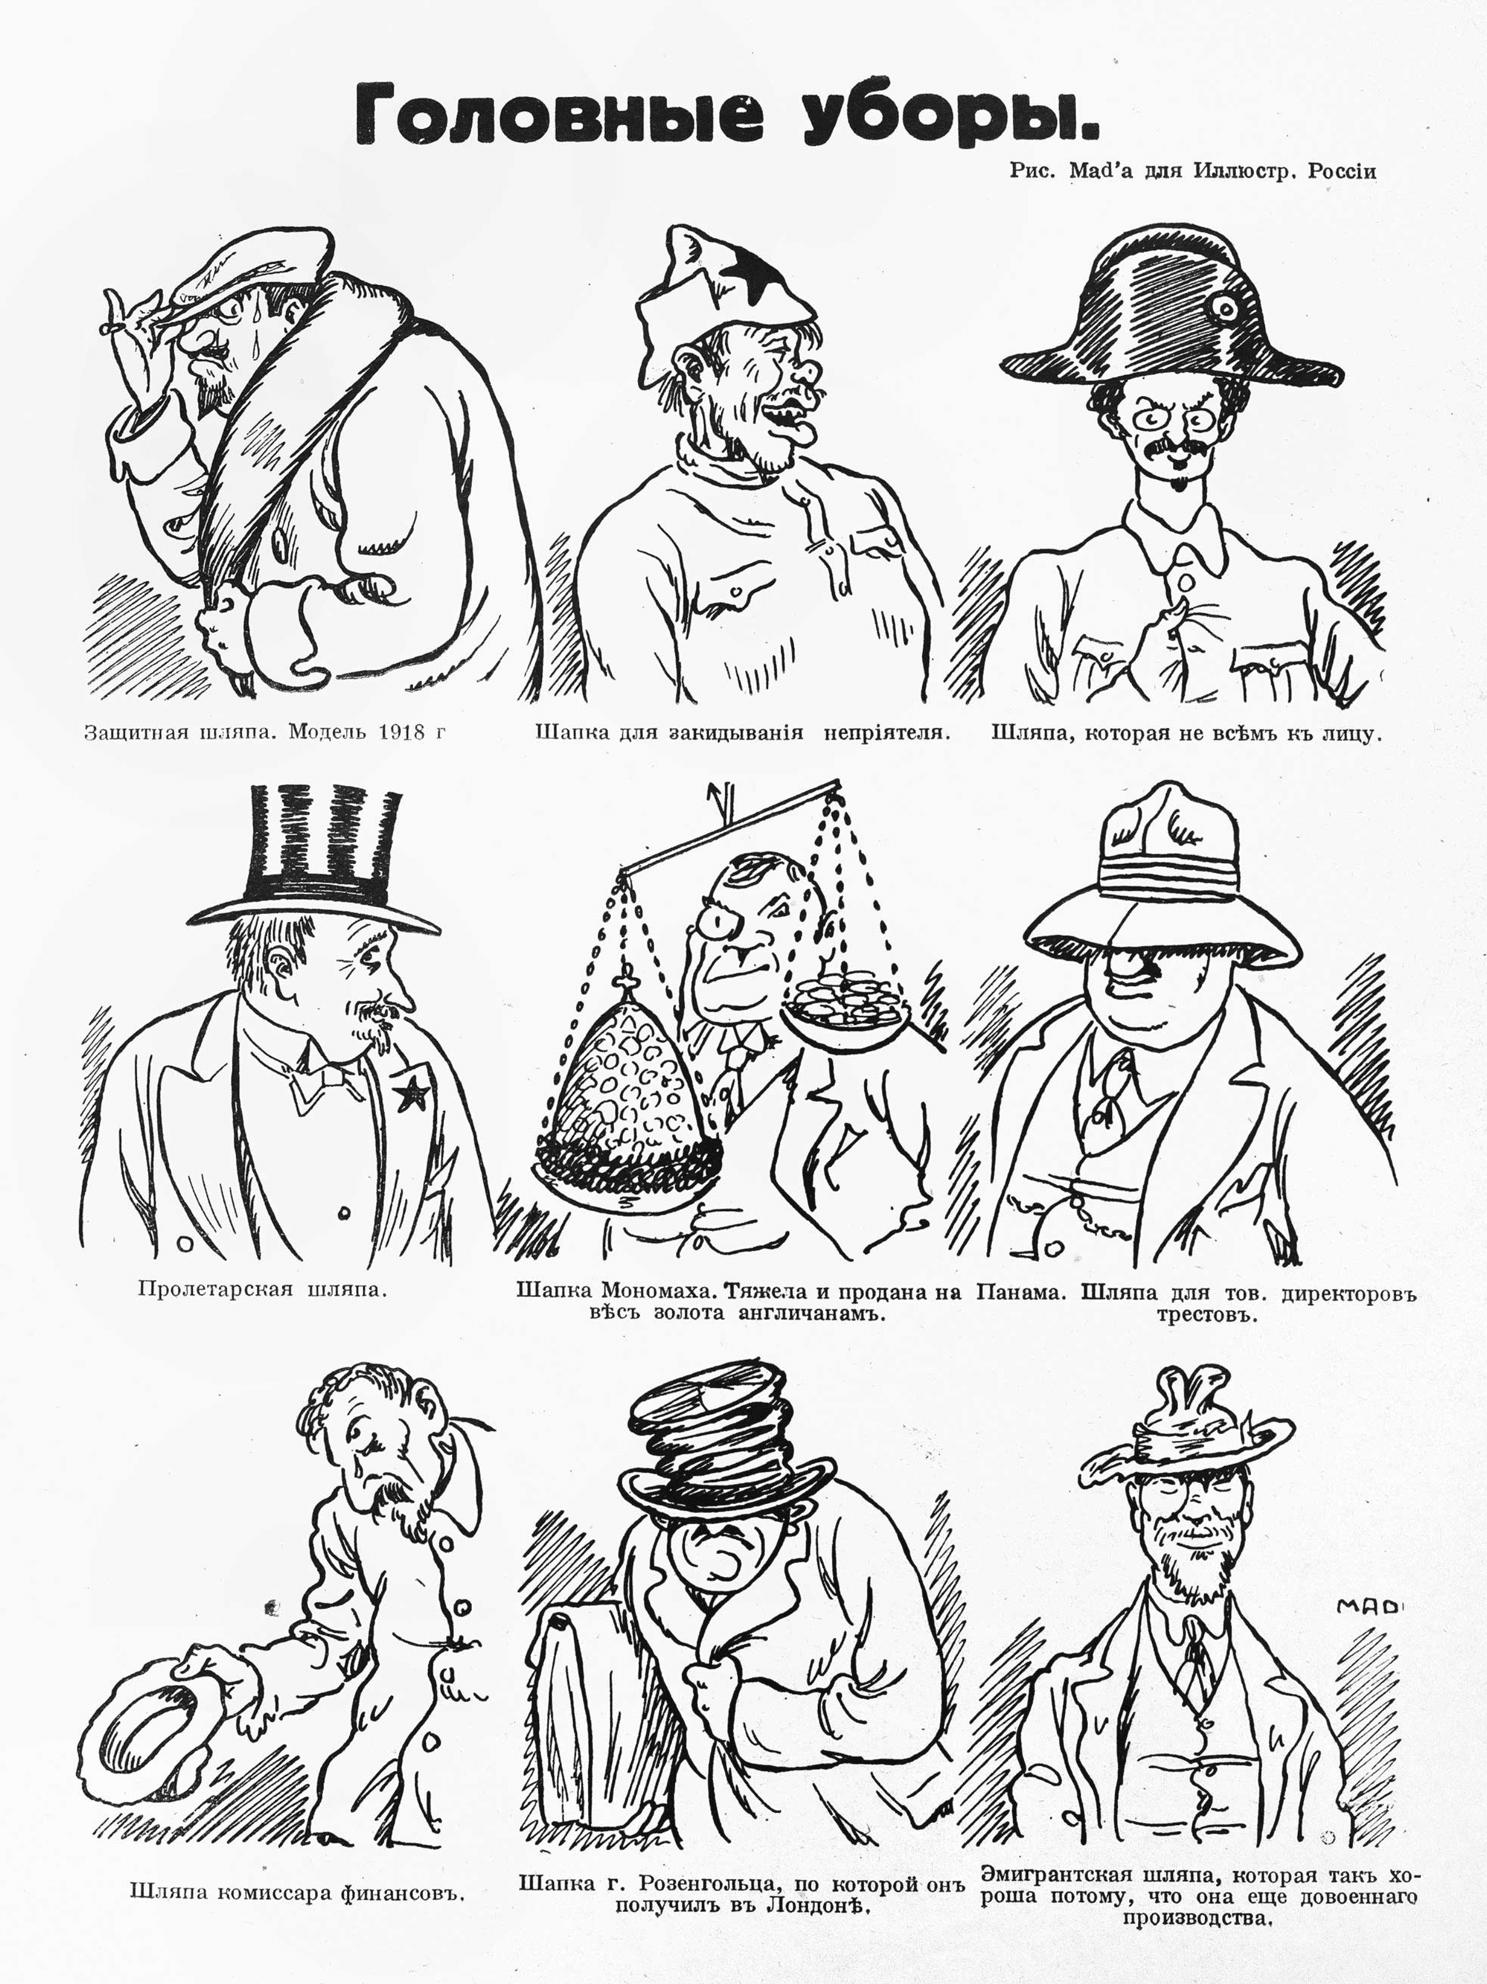 «Головные уборы», 1927 год